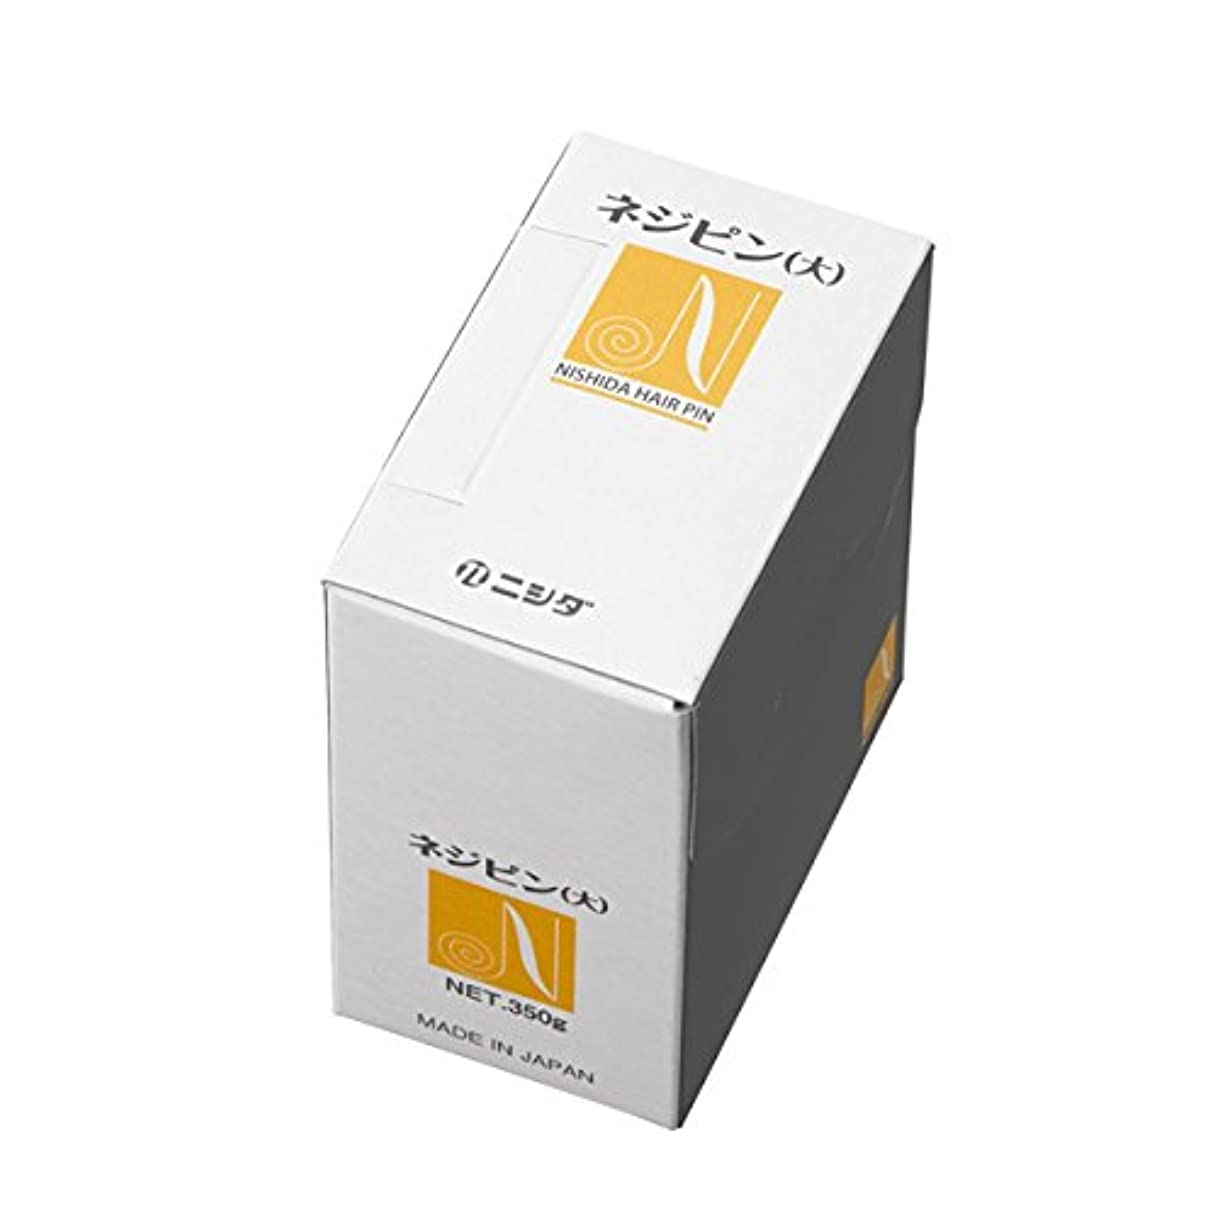 雑種ジュースヒューズニシダピン ネジピン 350g 株式会社ニシダ プロフェッショナルユースでスタイリング自由自在